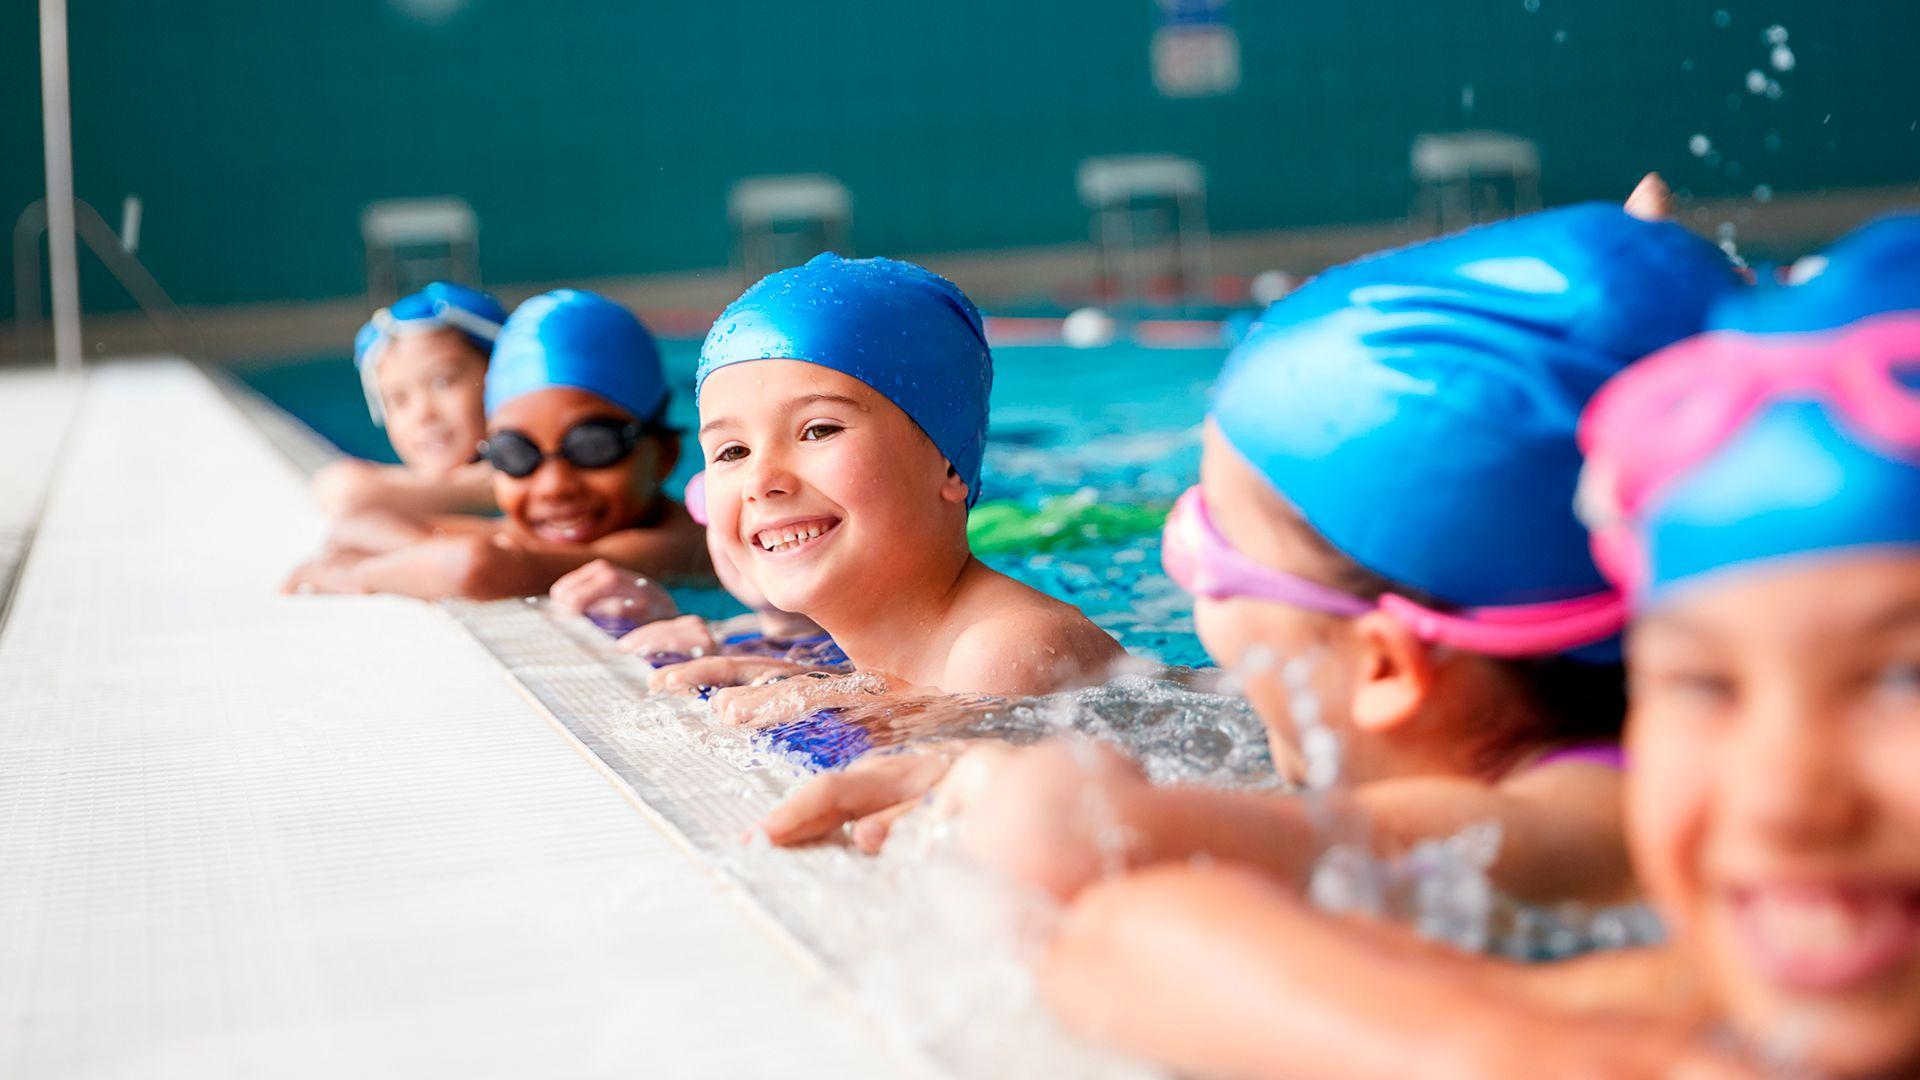 Las condiciones para el aprendizaje programado, grato y duradero de la natación estarían dadas entre los 3 y 5 años de edad (Shutterstock)